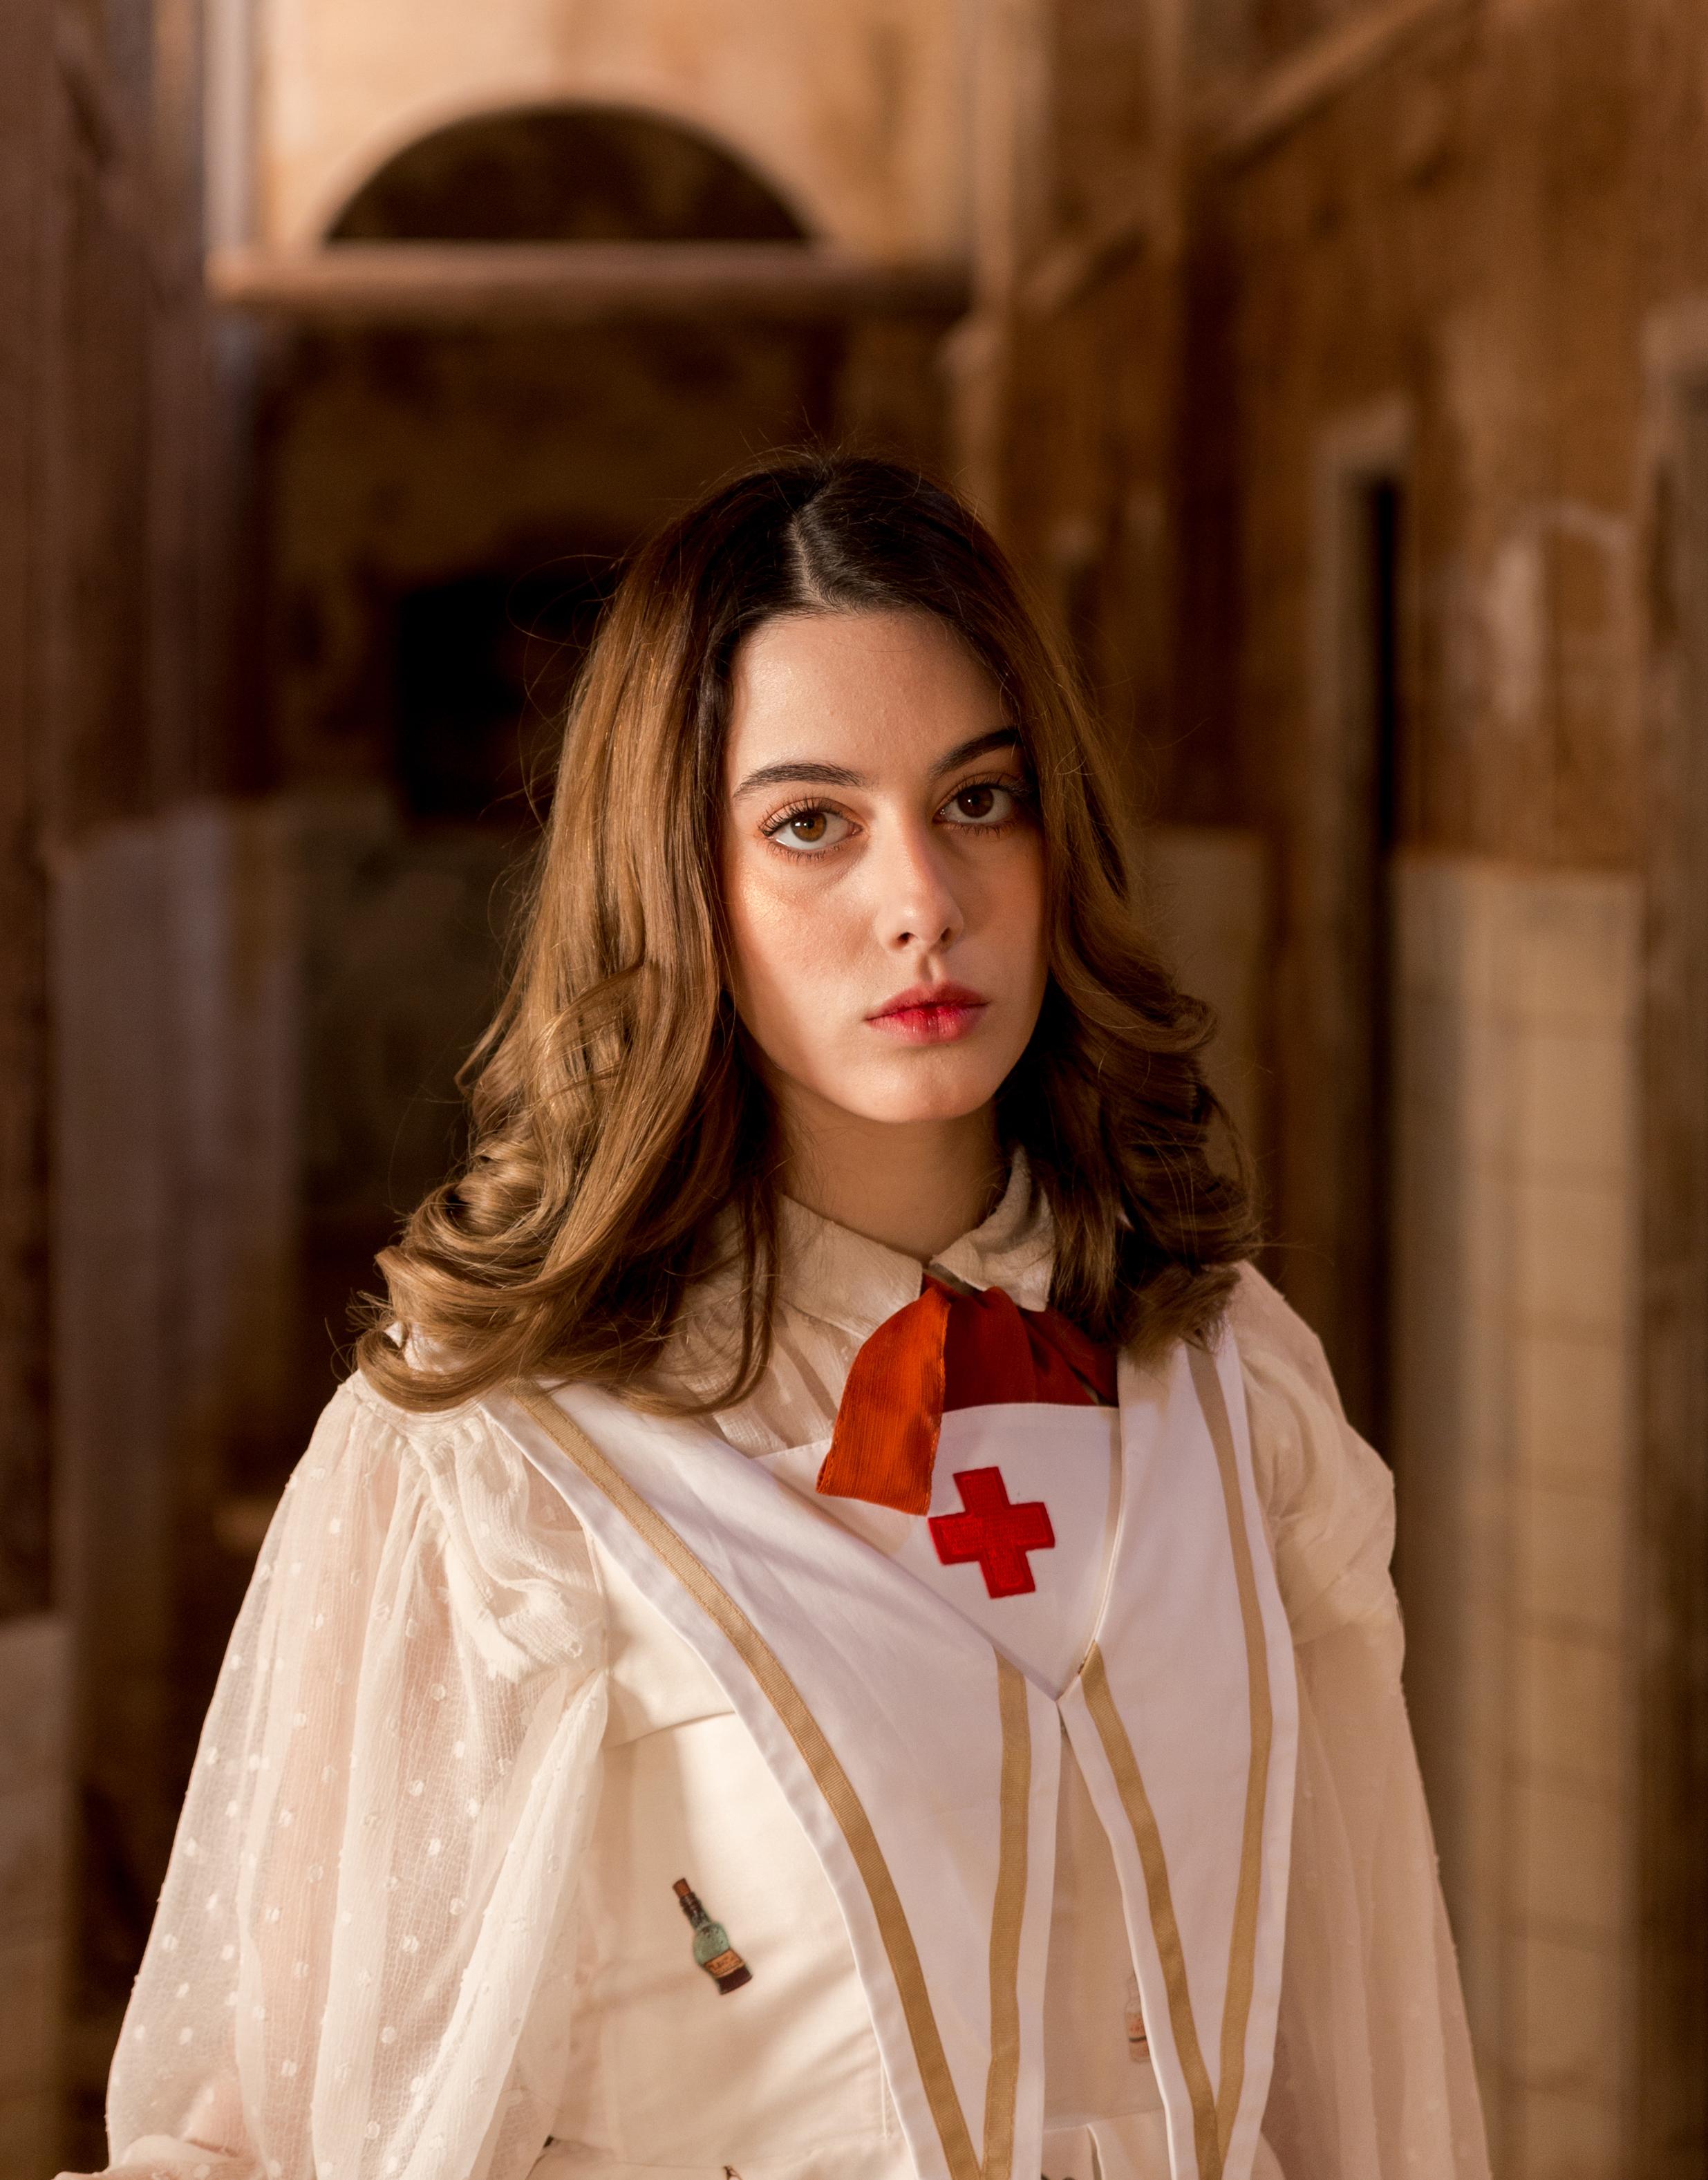 0172 Violet Fane en el Balmeario de la Puda de Montserrat _MG_9744.jpg